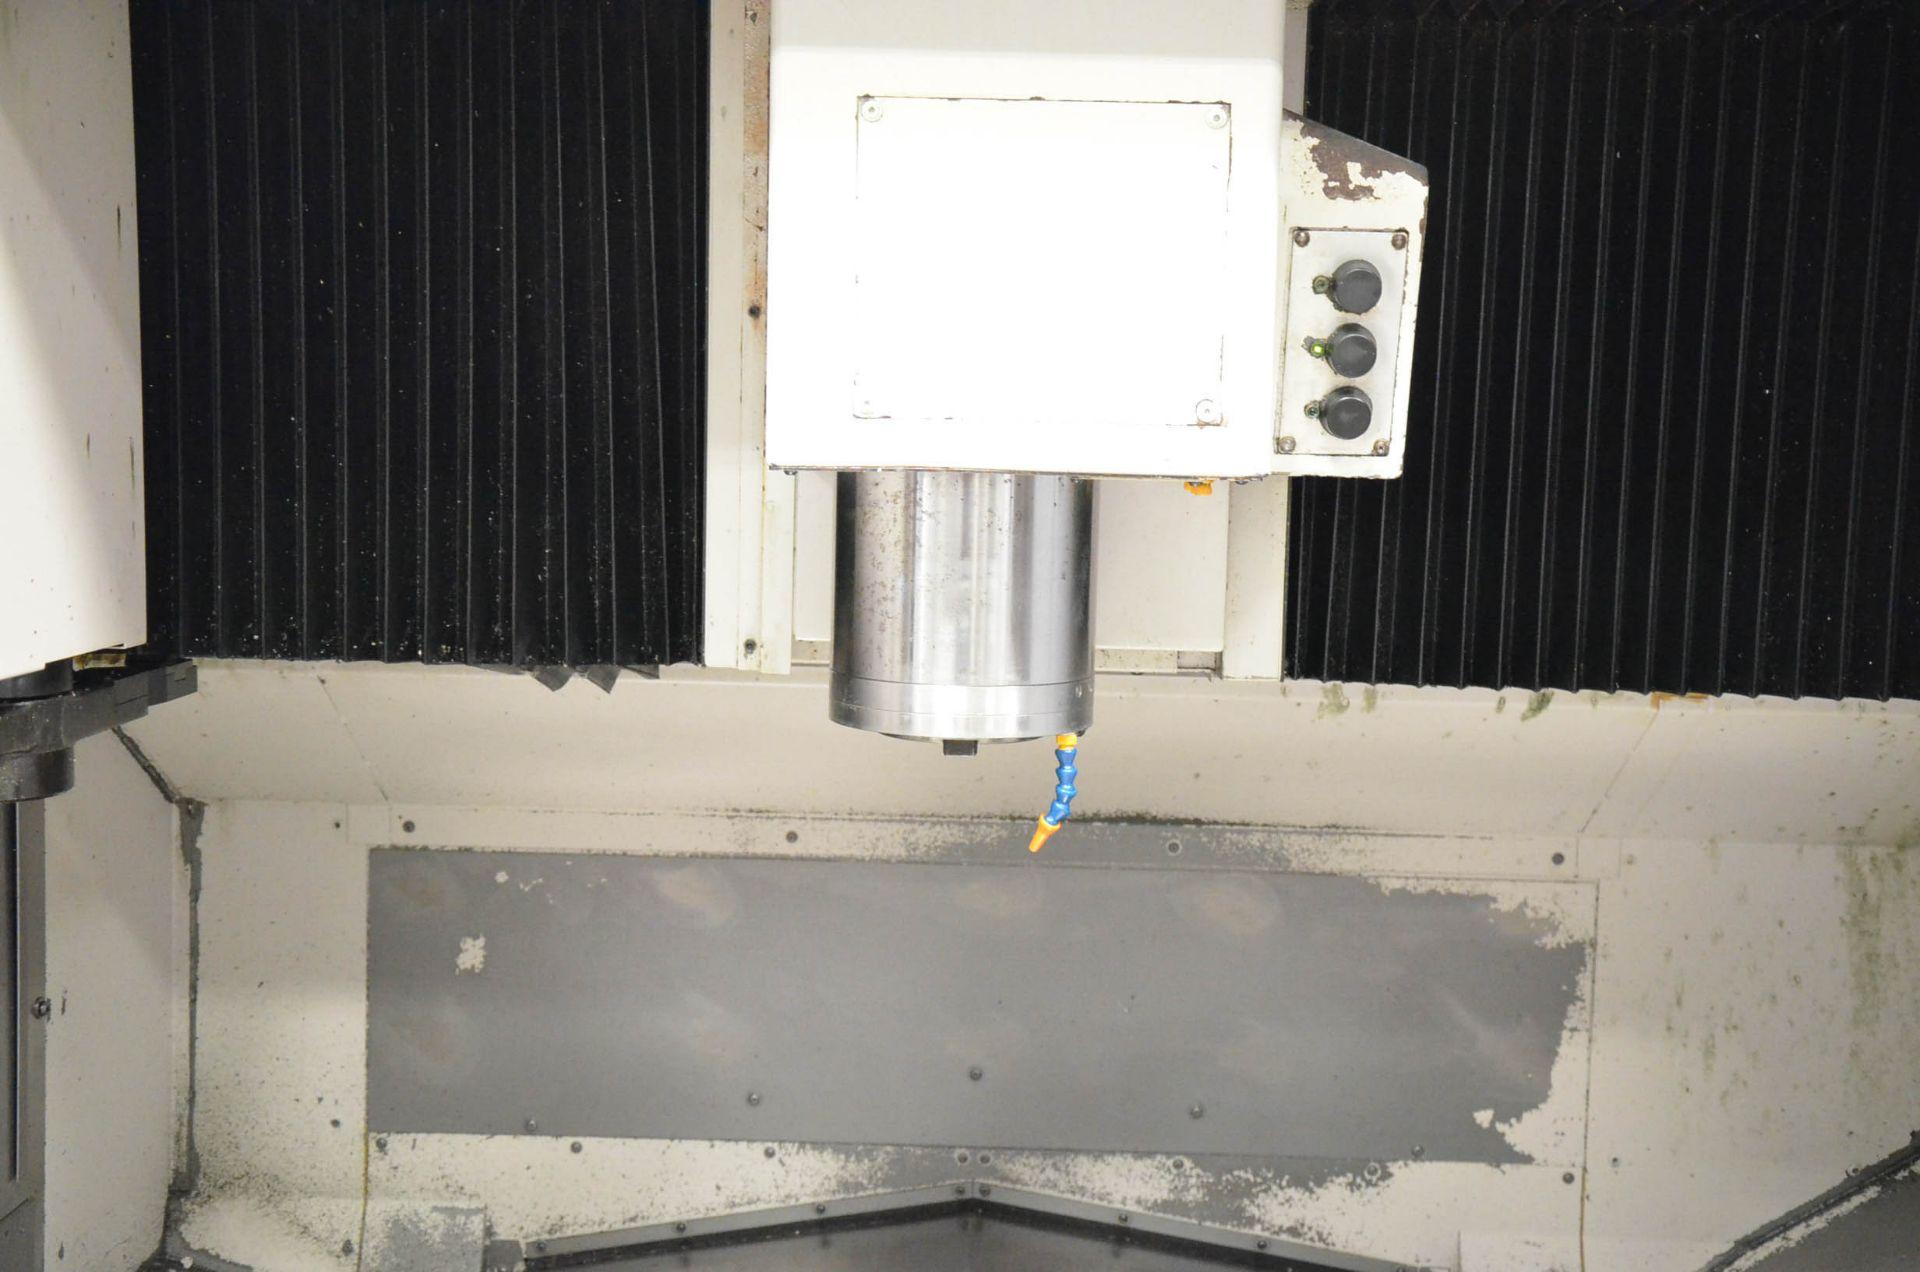 OKUMA (2007) ACE CENTER MB-56VB CNC VERTICAL MACHINING CENTER WITH OKUMA OSP-P200M CNC CONTROL, - Image 6 of 11